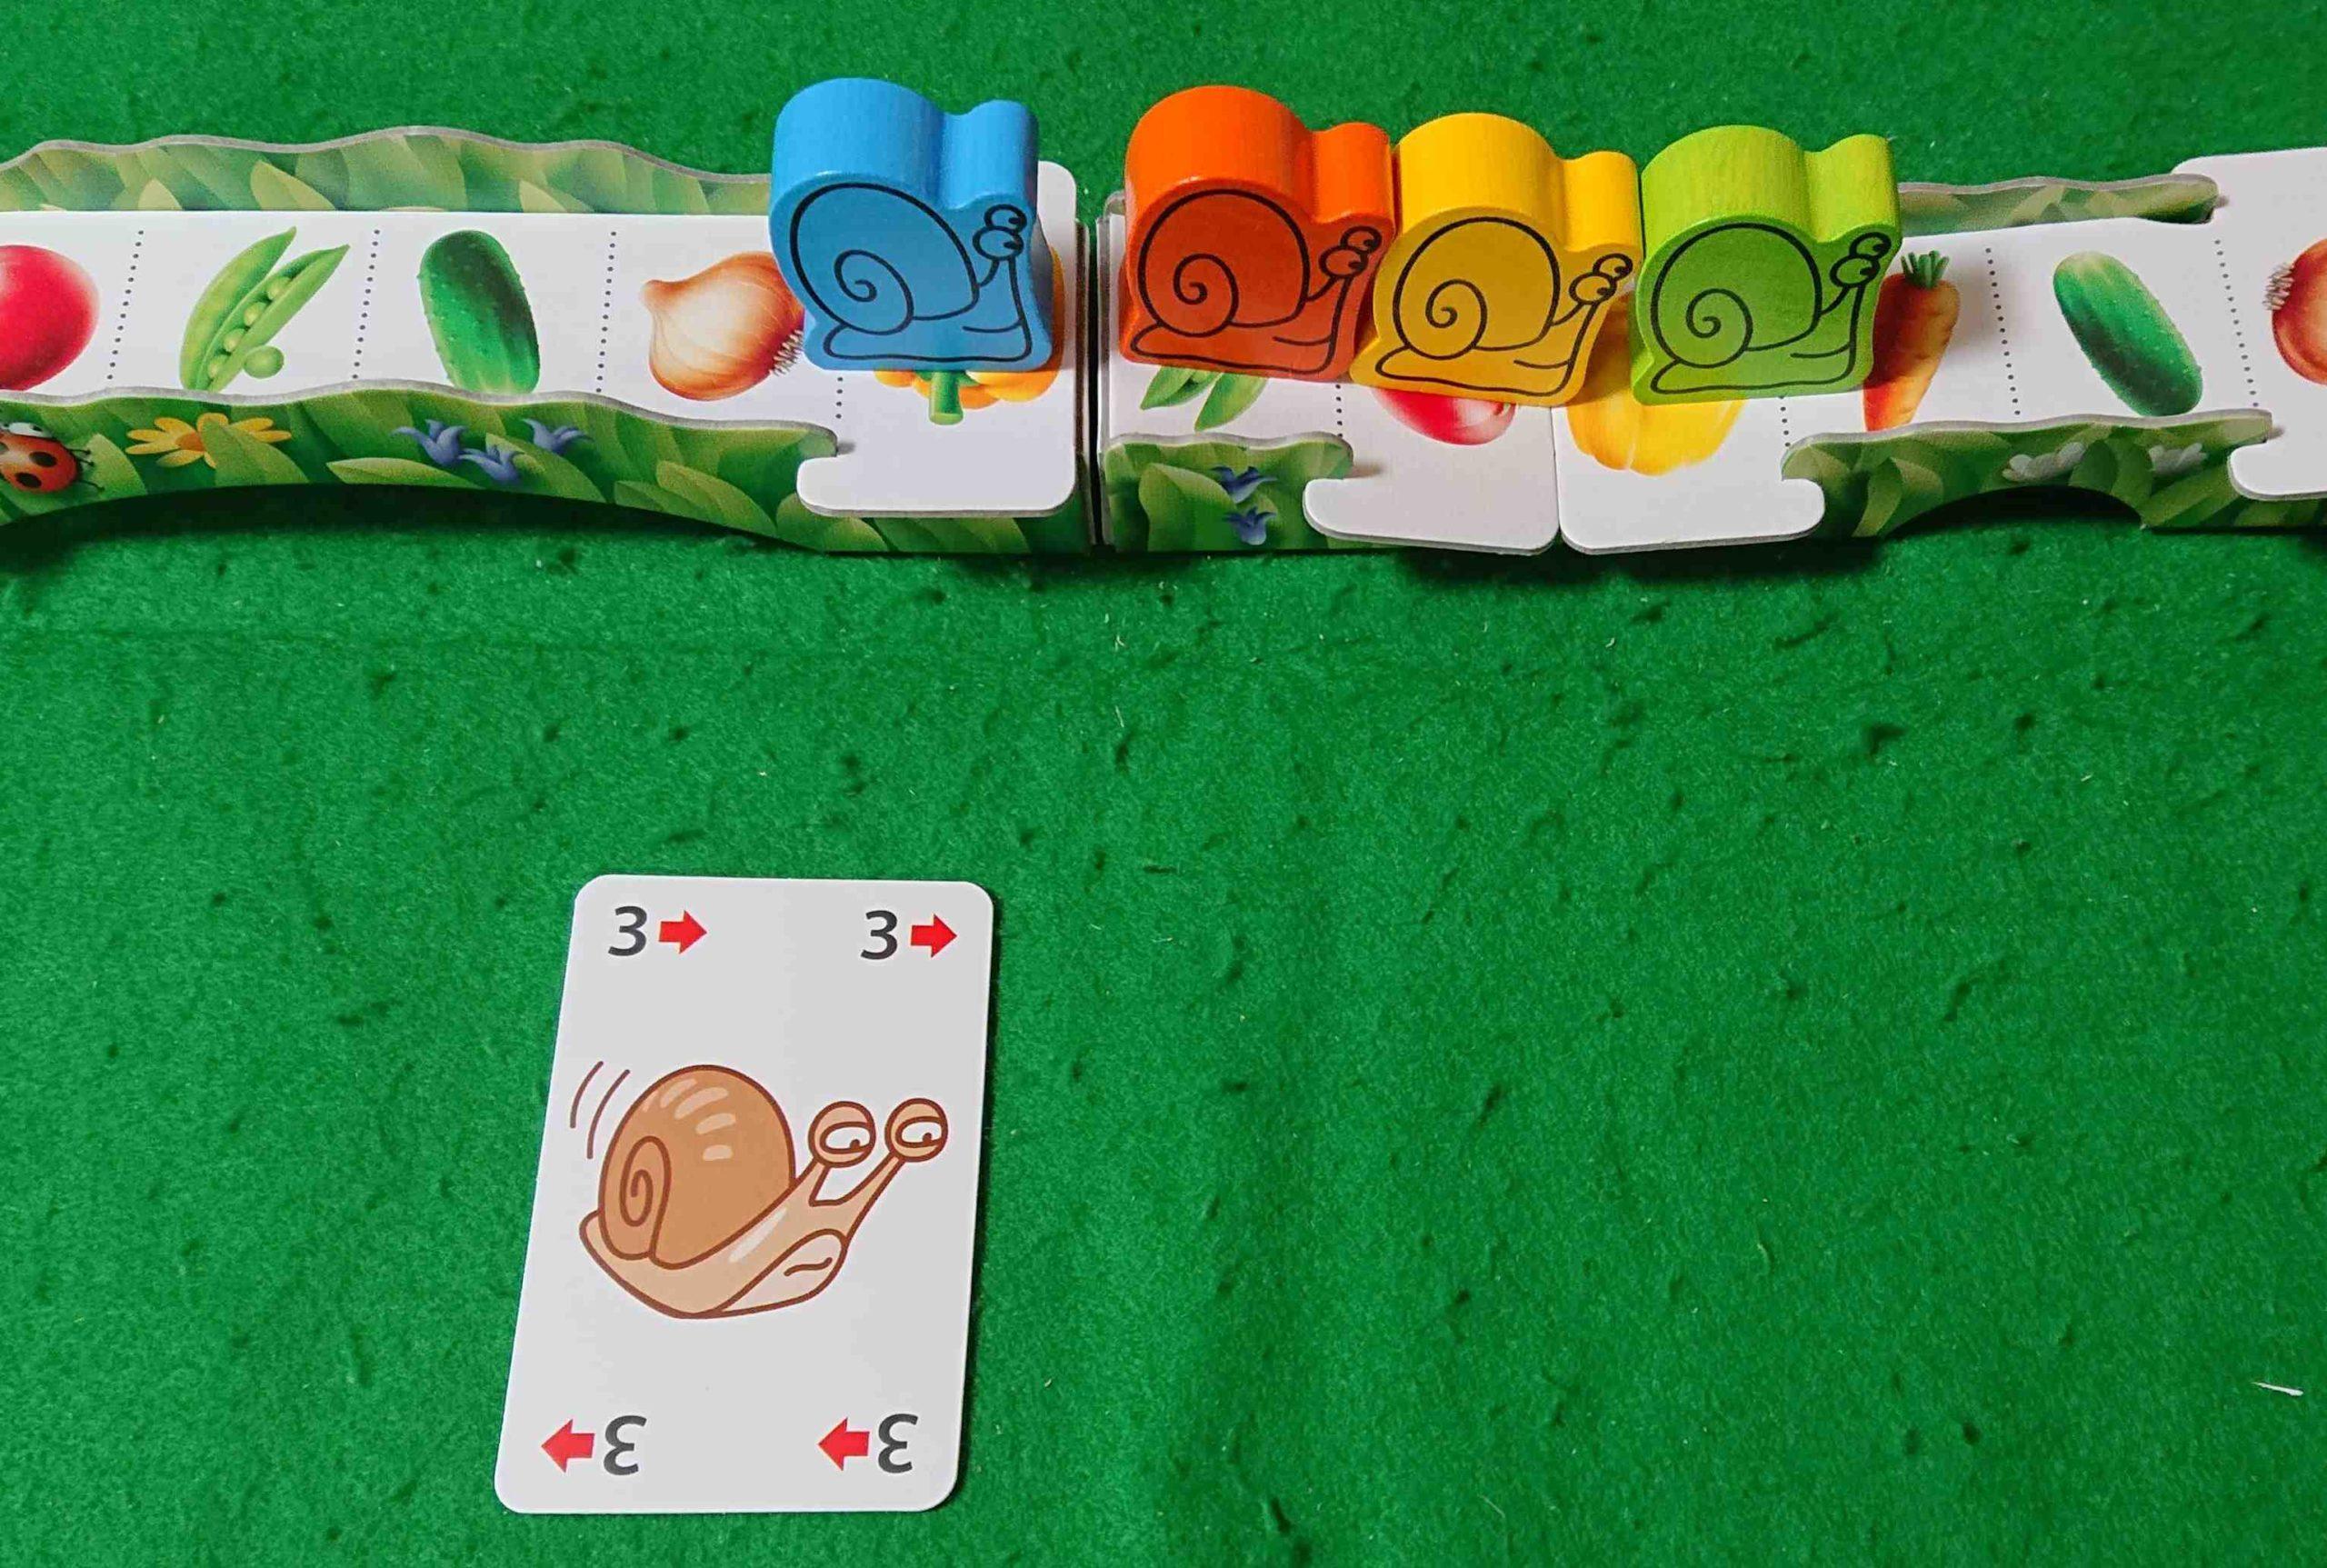 ゆっくり行こうぜ!(GO SLOW!) ルール&レビュー すごろく系 ボードゲーム